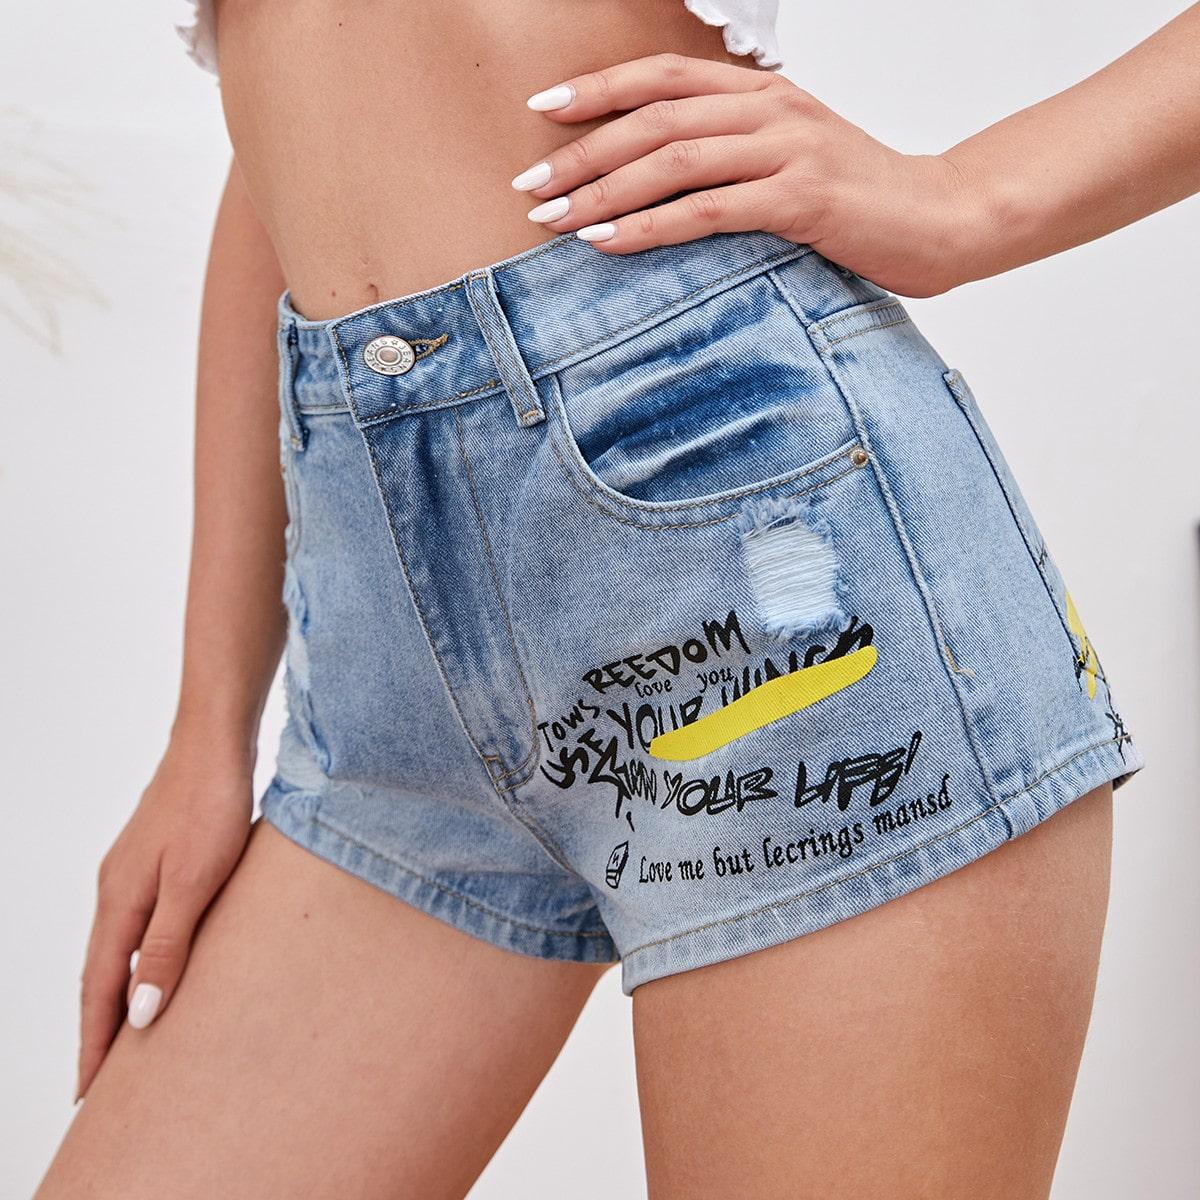 Рваные джинсовые шорты на молнии с текстовым принтом